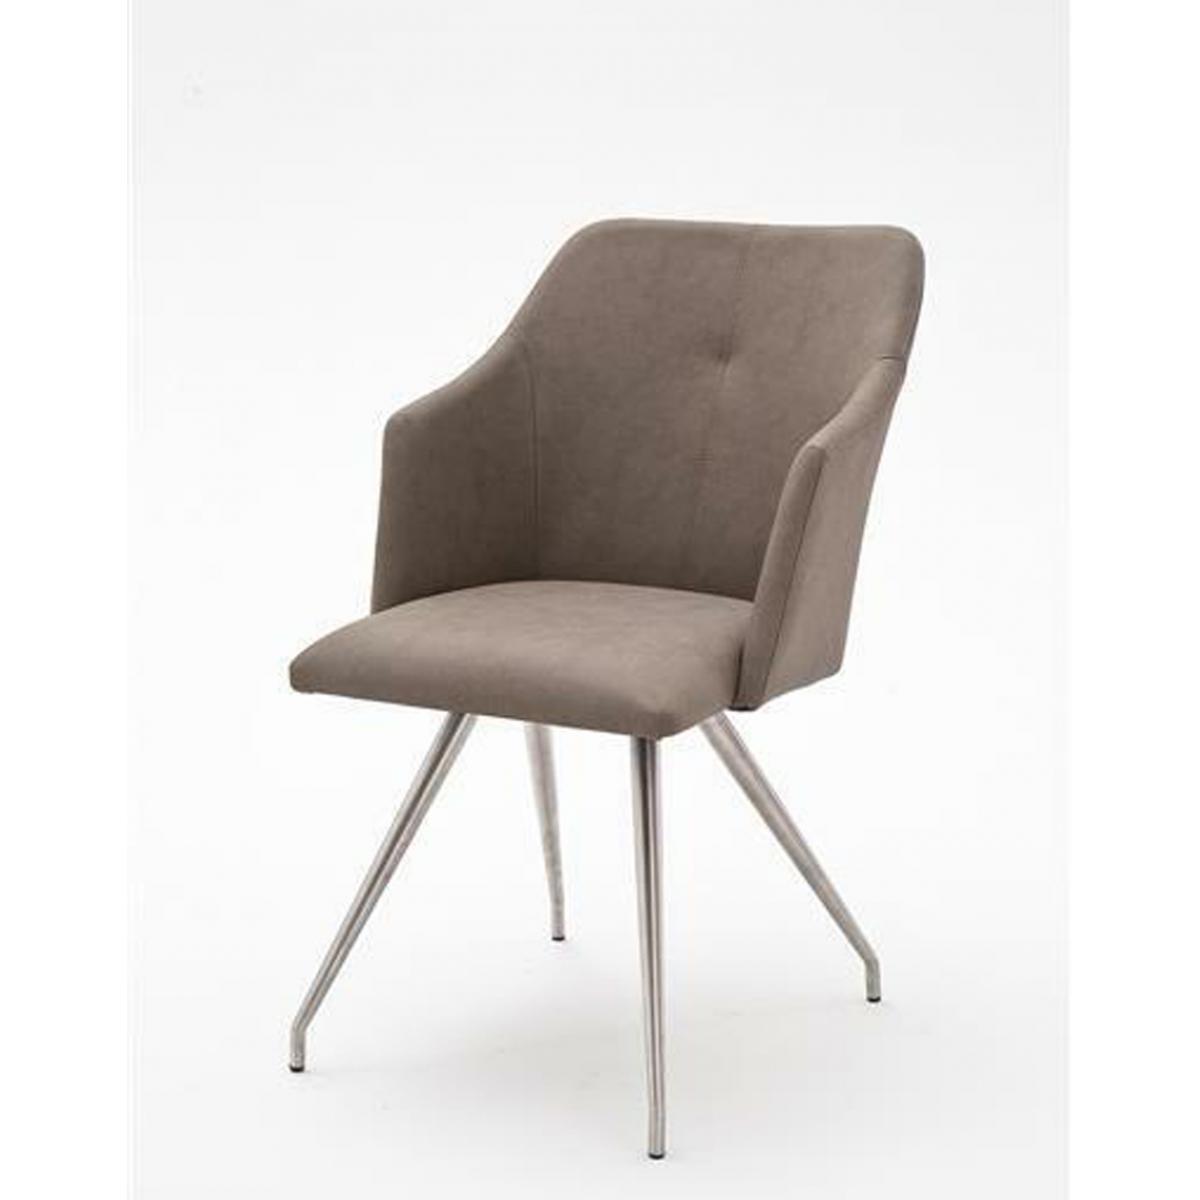 Pegane Lot de 2 chaises de salle à manger en acier et similicuir coloris taupe - L.54 x H.88 x P.62 cm -PEGANE-